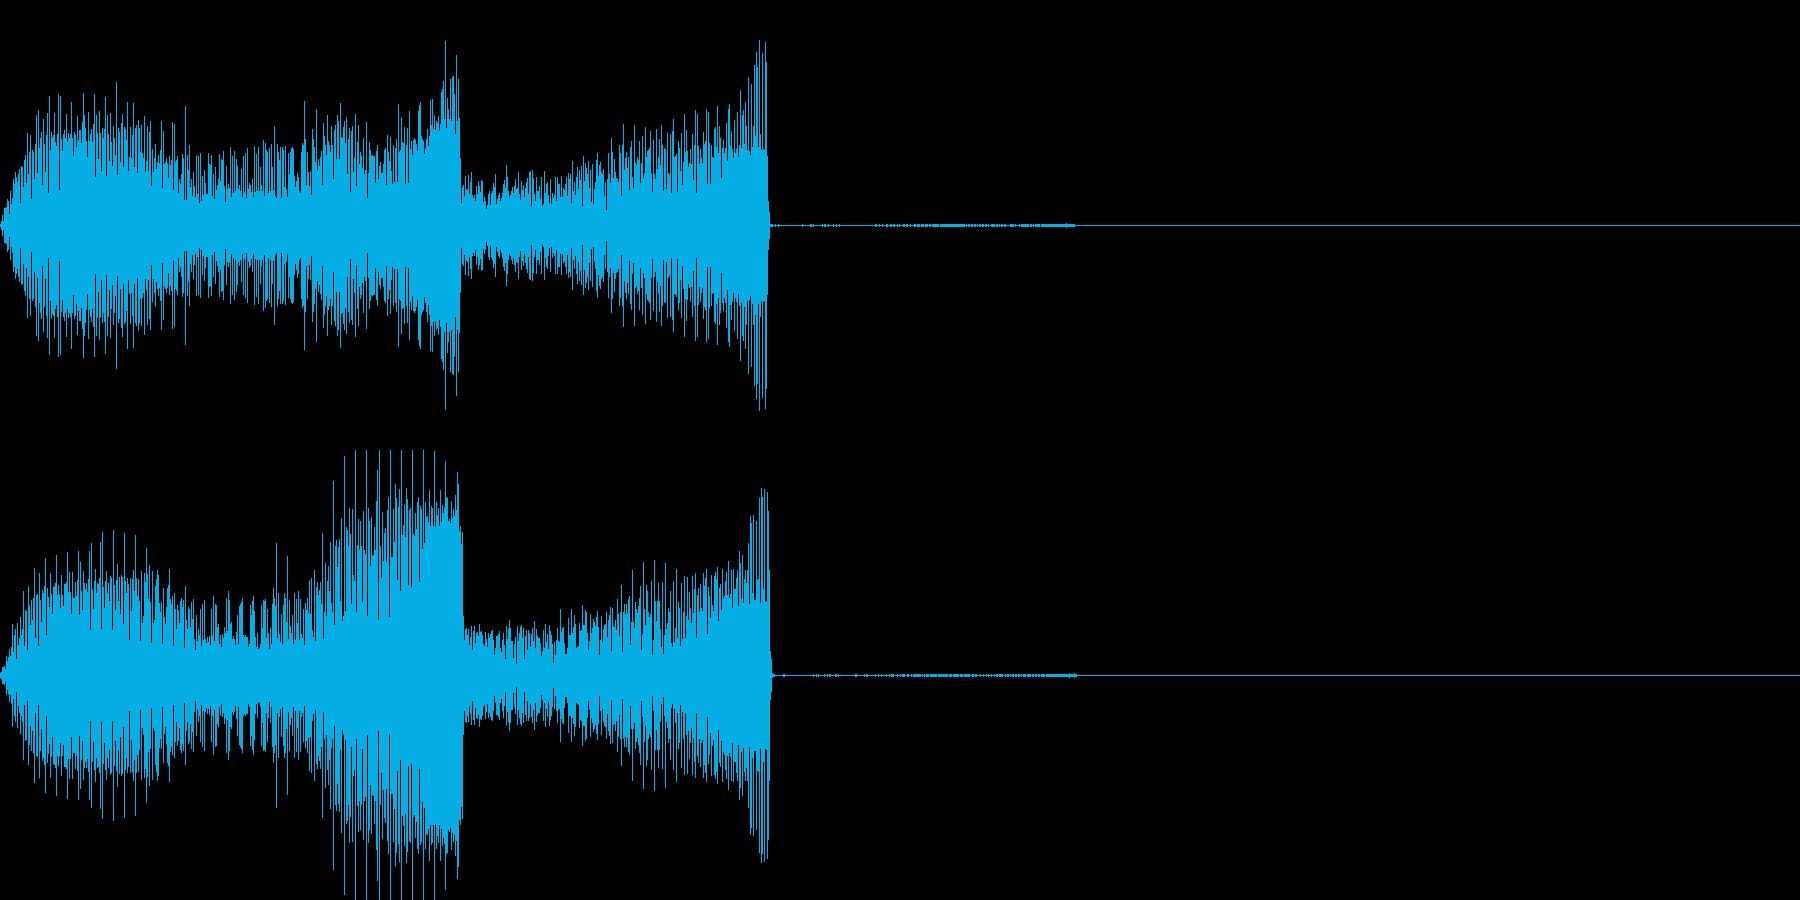 ポン(SE_エフェクト_03)の再生済みの波形